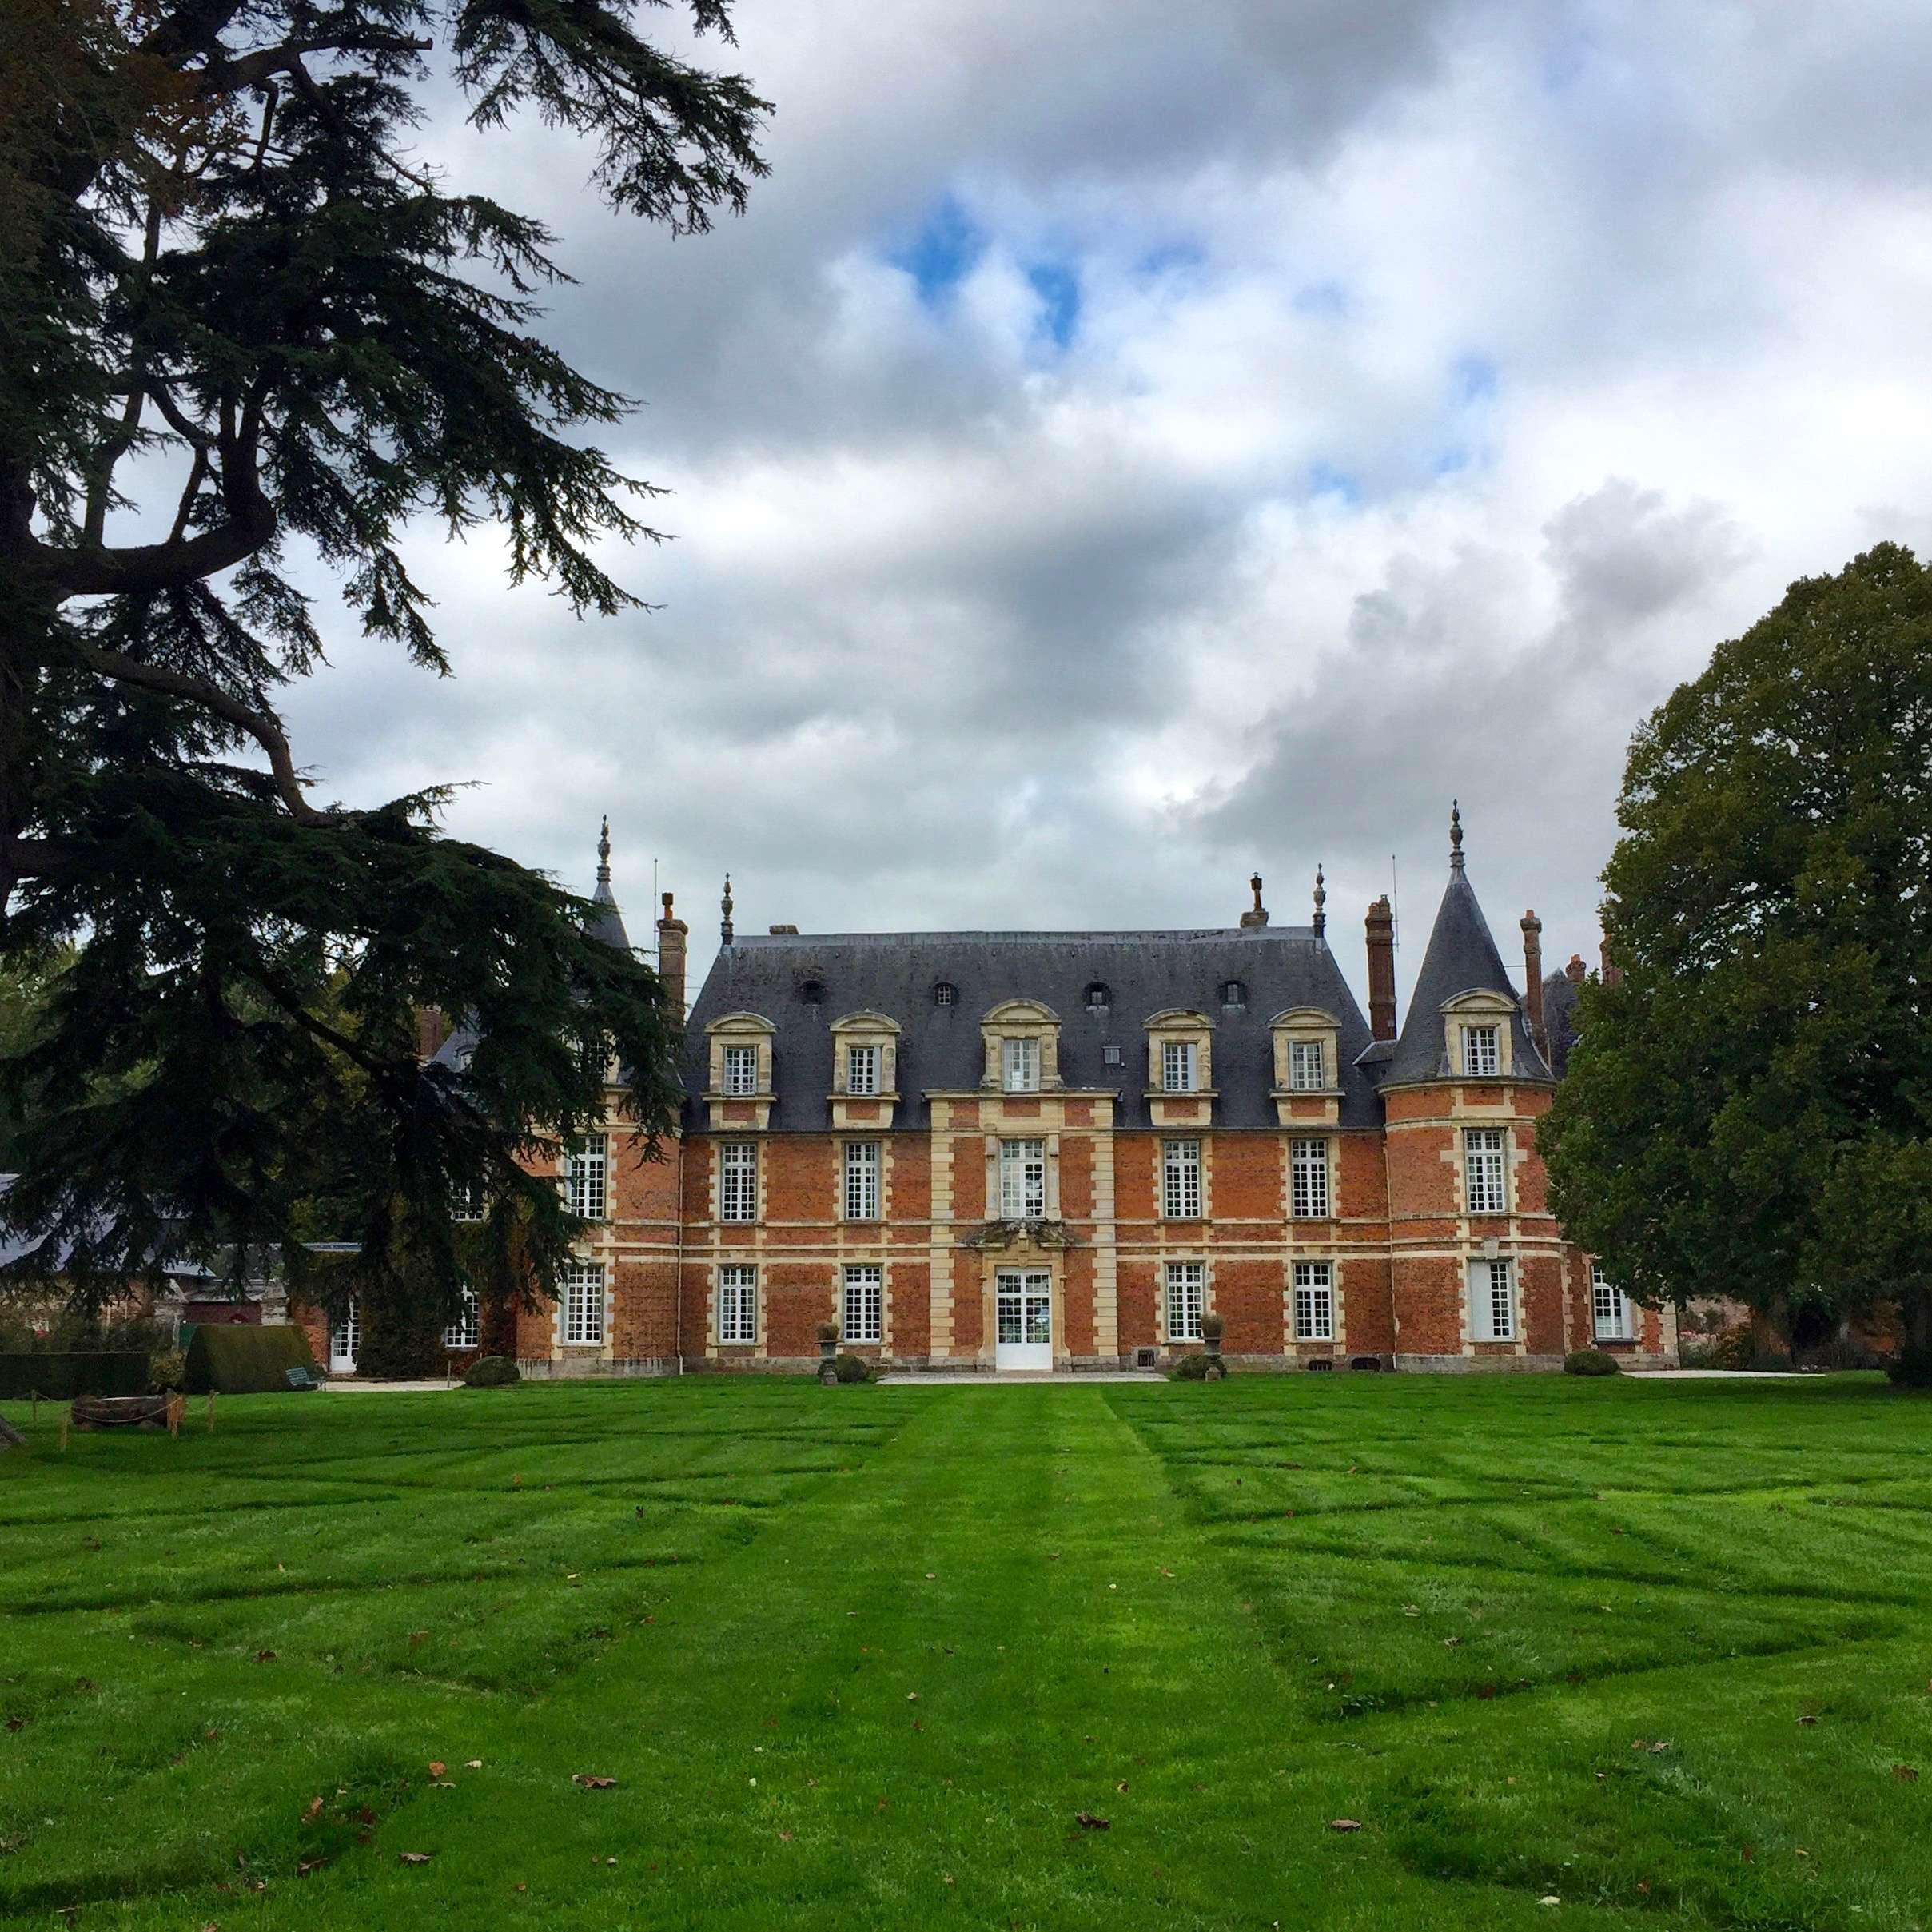 Le château de Miromesnil, à Tourville-sur-Arques, berceau de Guy de Maupassant, vu depuis le parc.